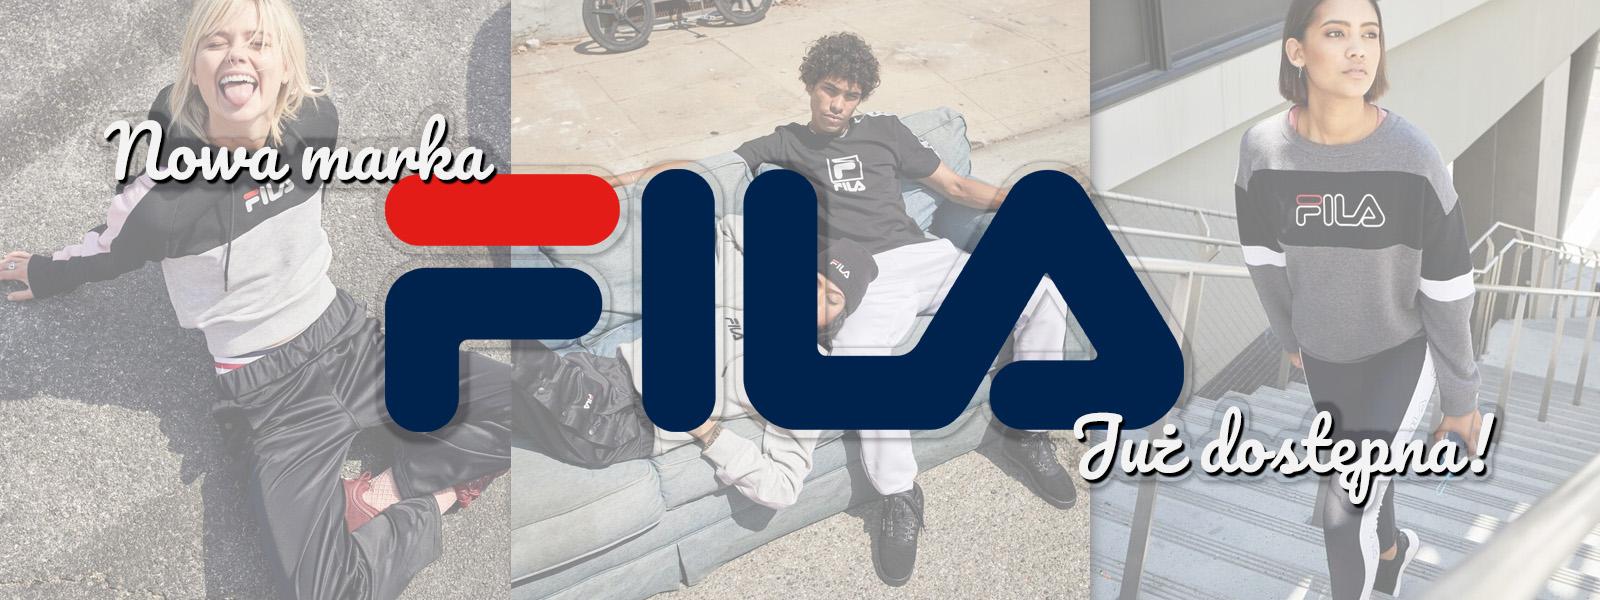 FILA - Nowa marka